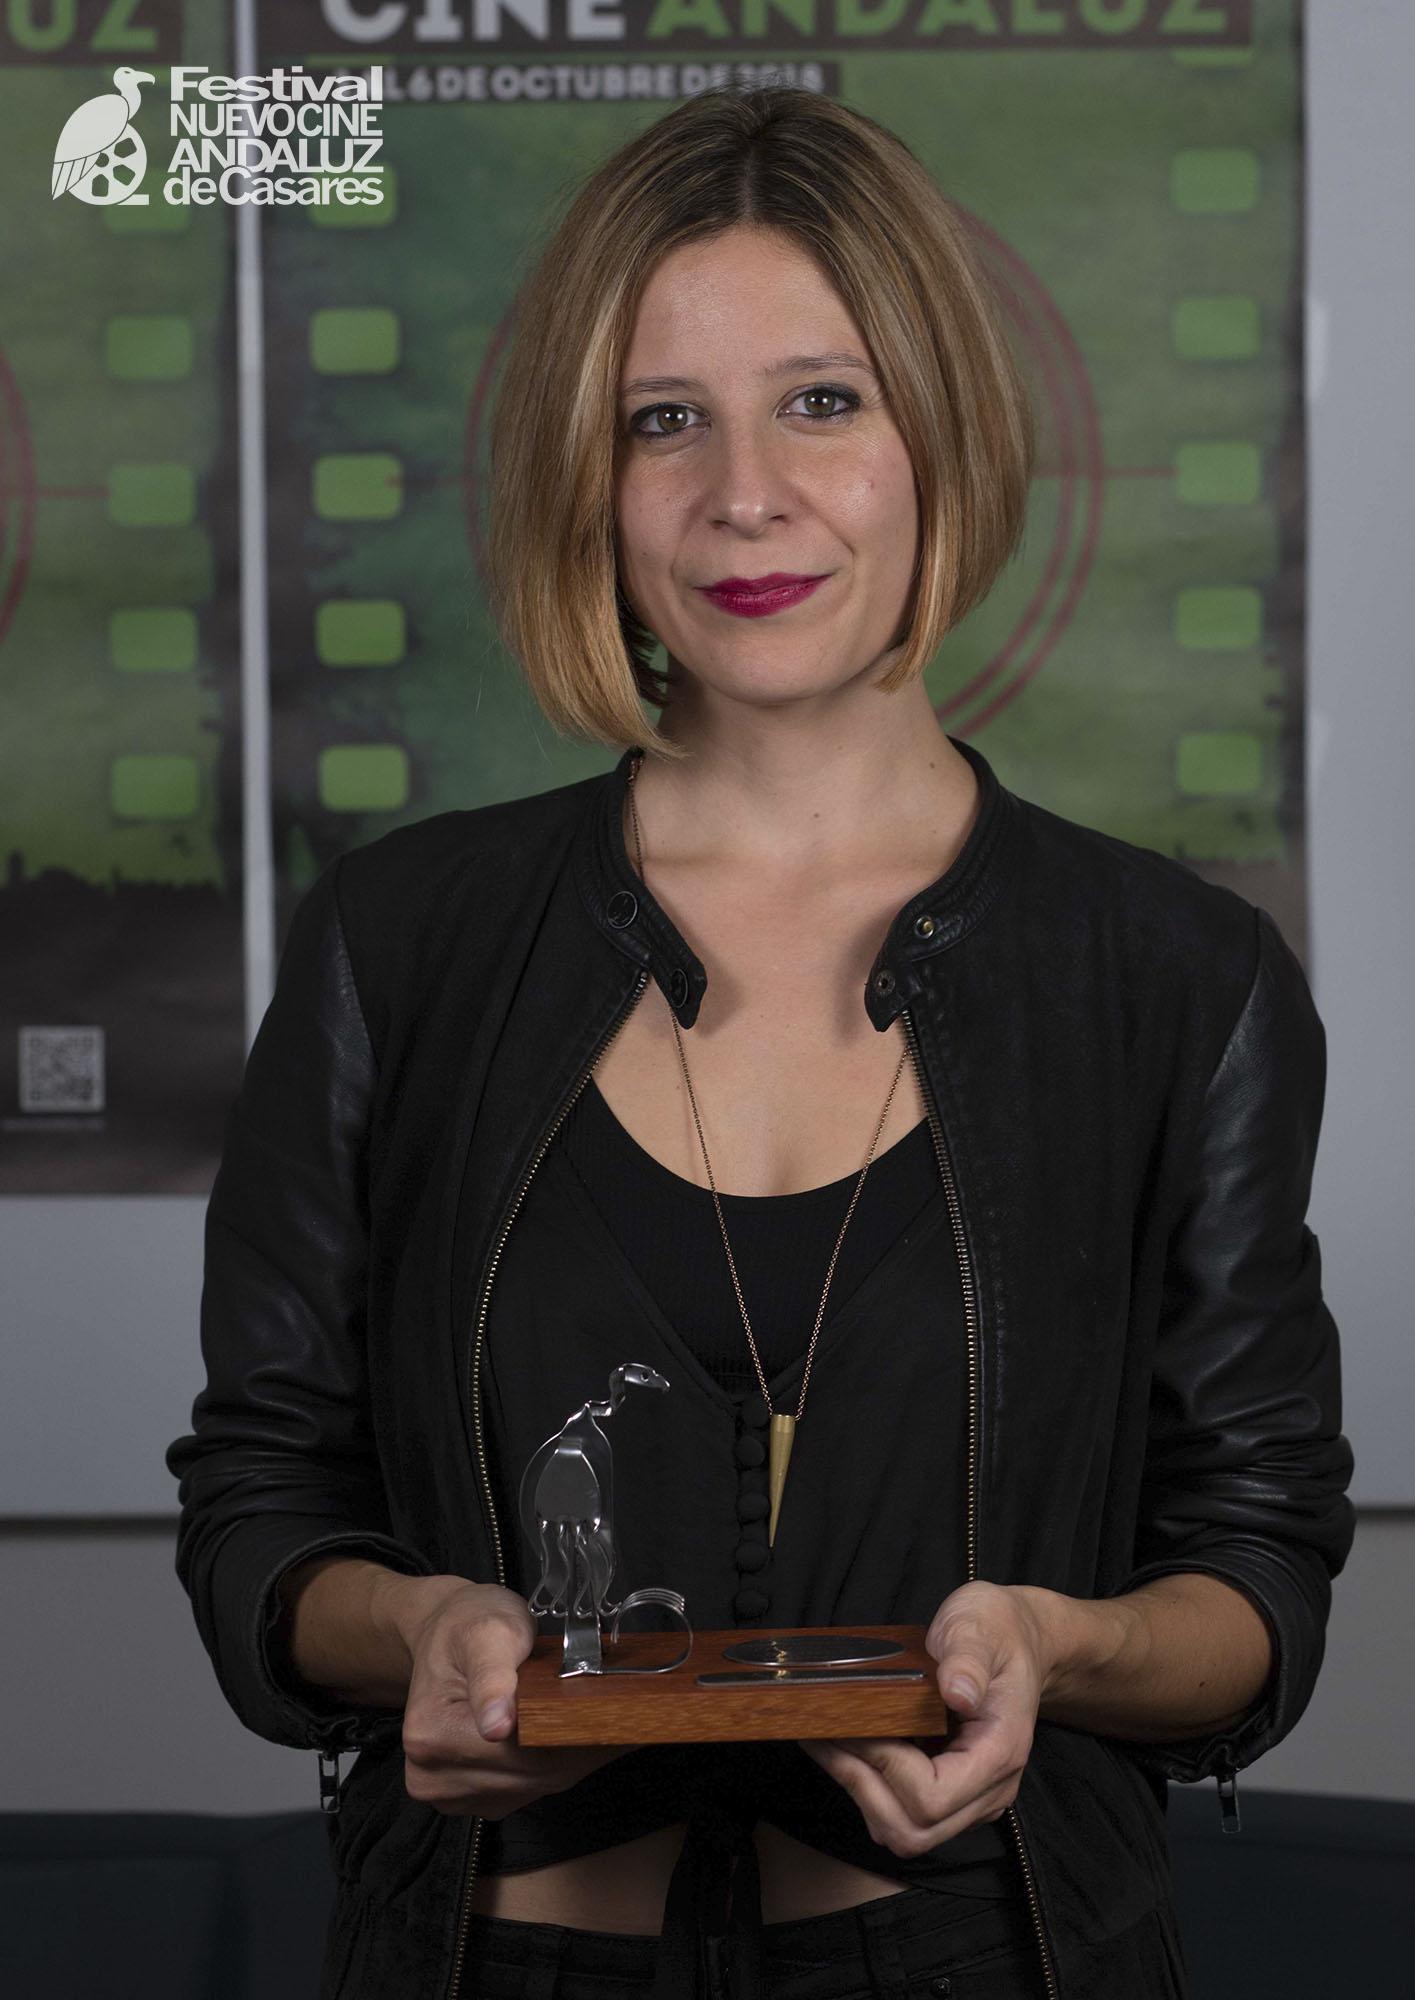 Mar Martín, premio del Concurso de fotografía Nuevo Cine Andaluz 2018